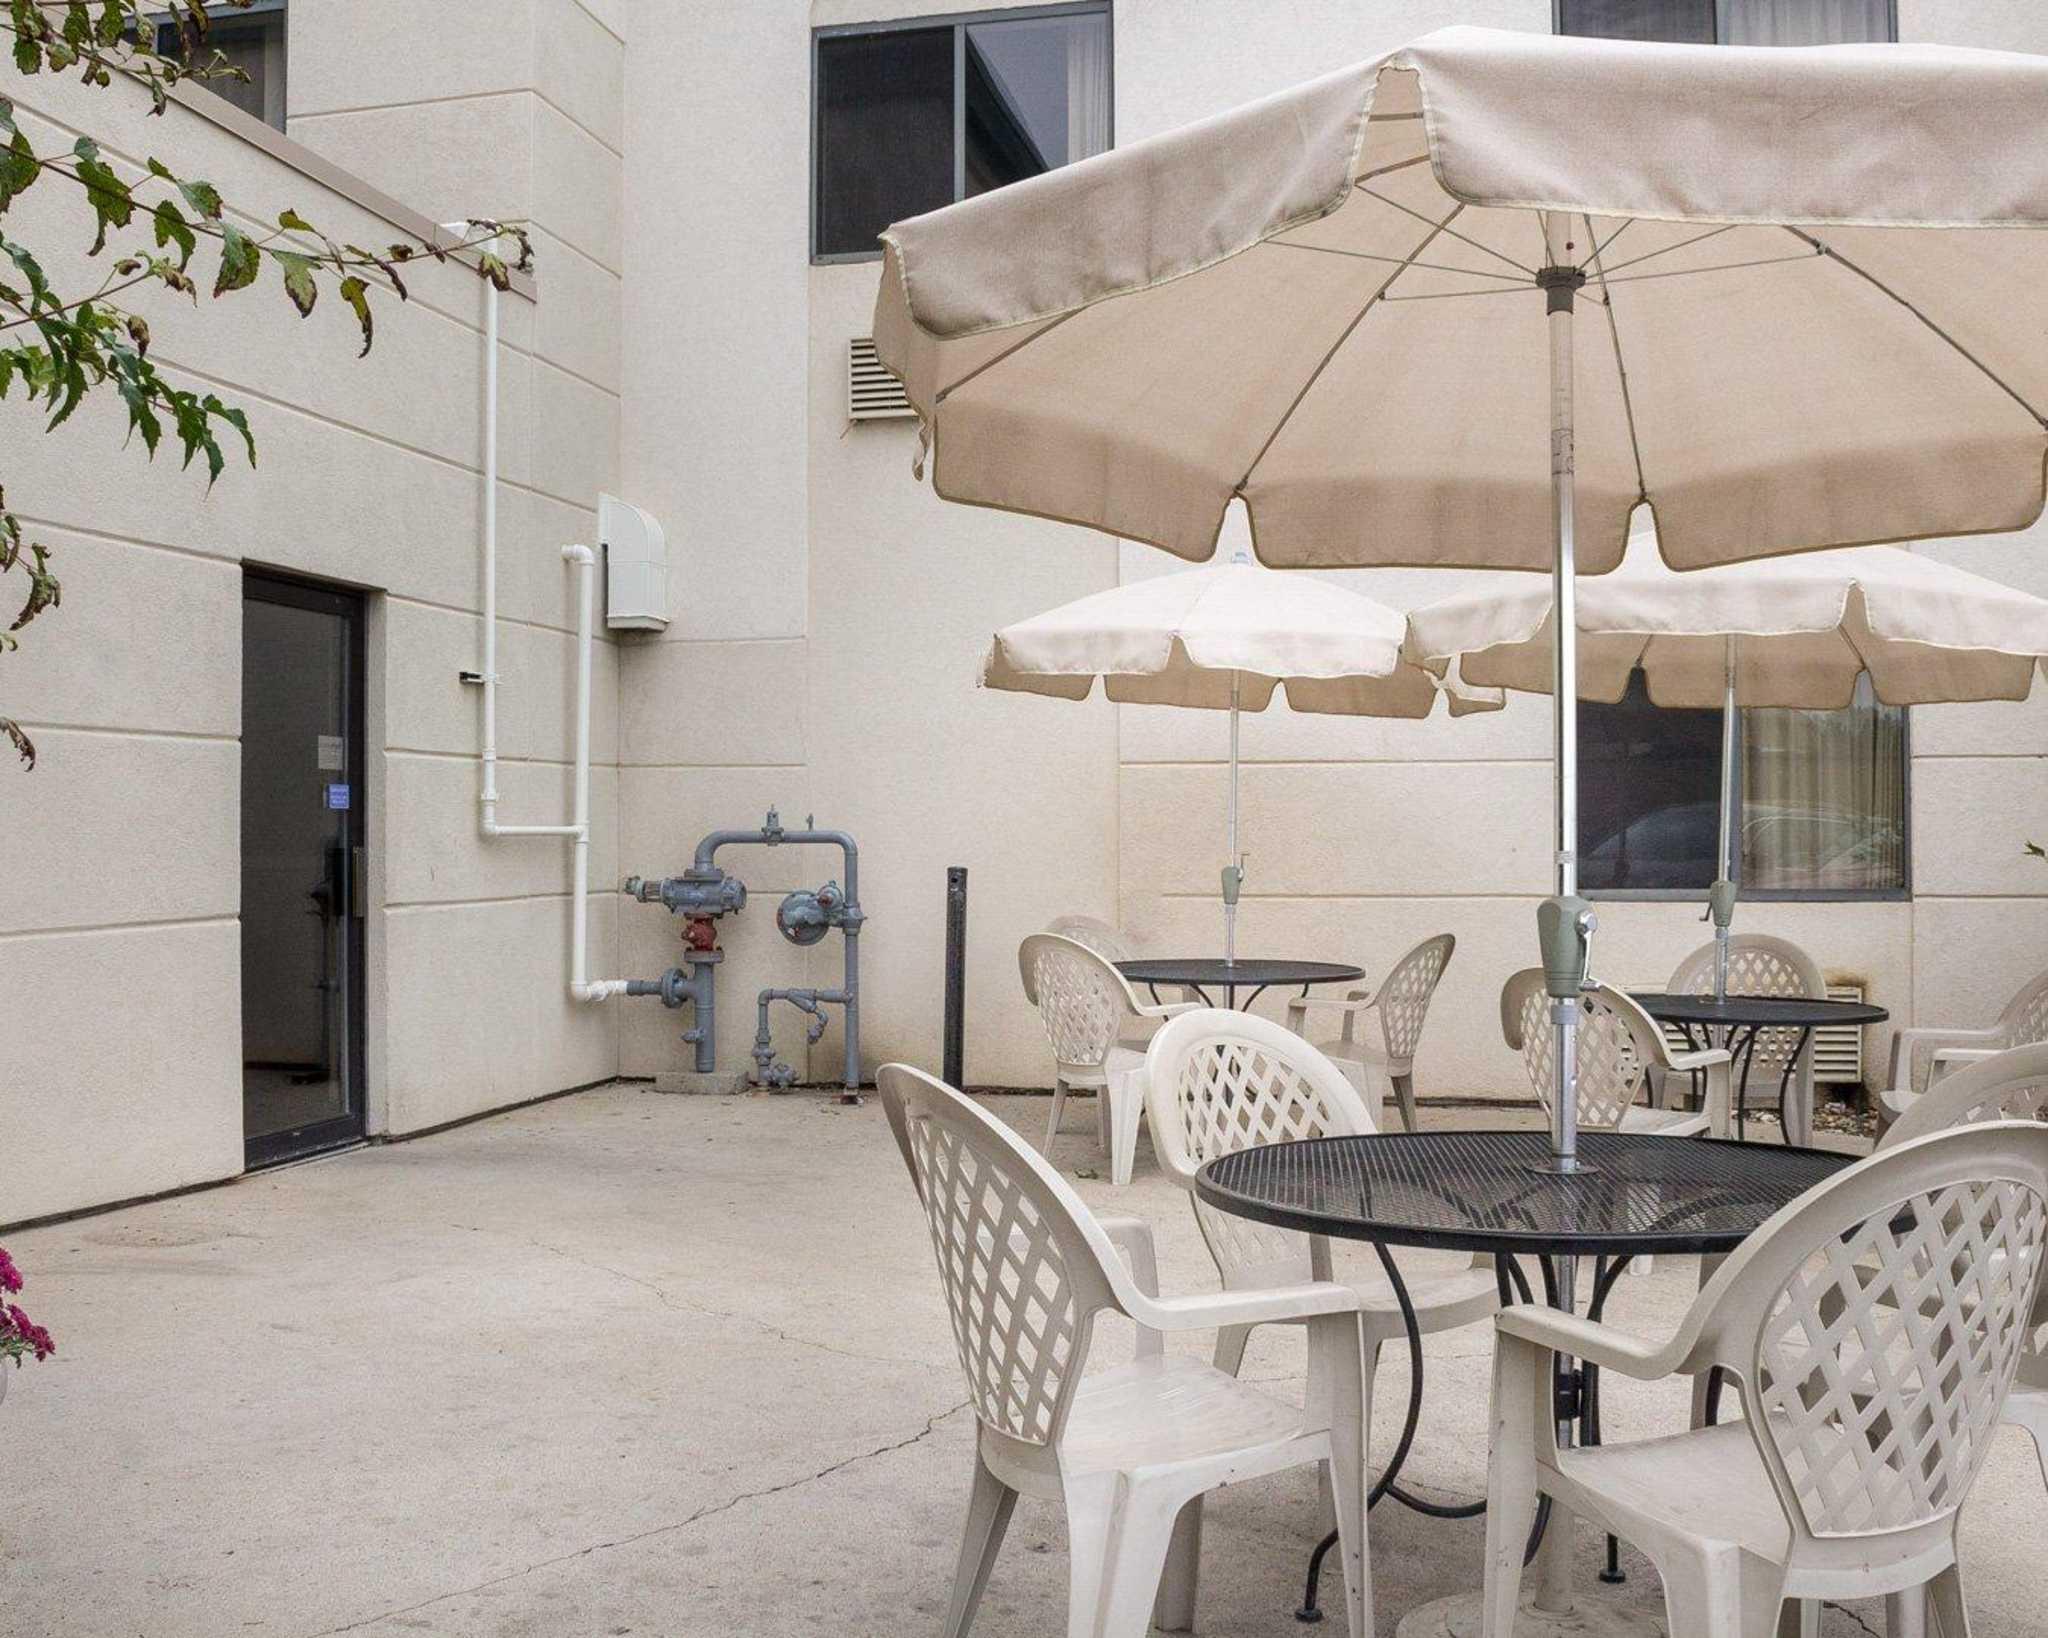 Comfort Suites In Bismarck Nd 58503 Chamberofcommerce Com